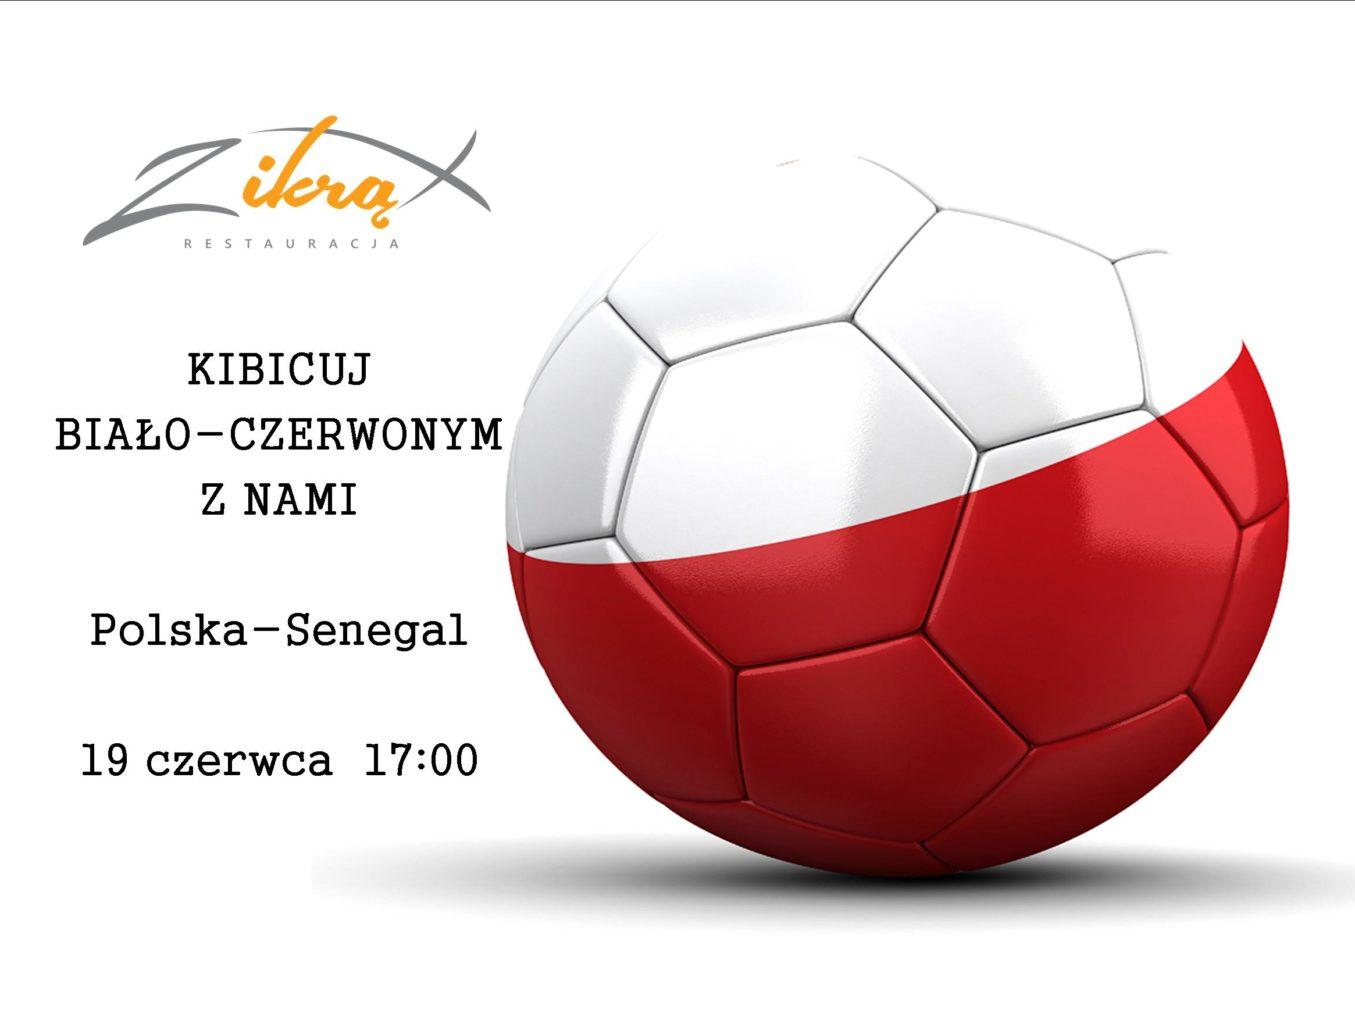 Polska-Senegal Z ikrą 19 czerwca 2018